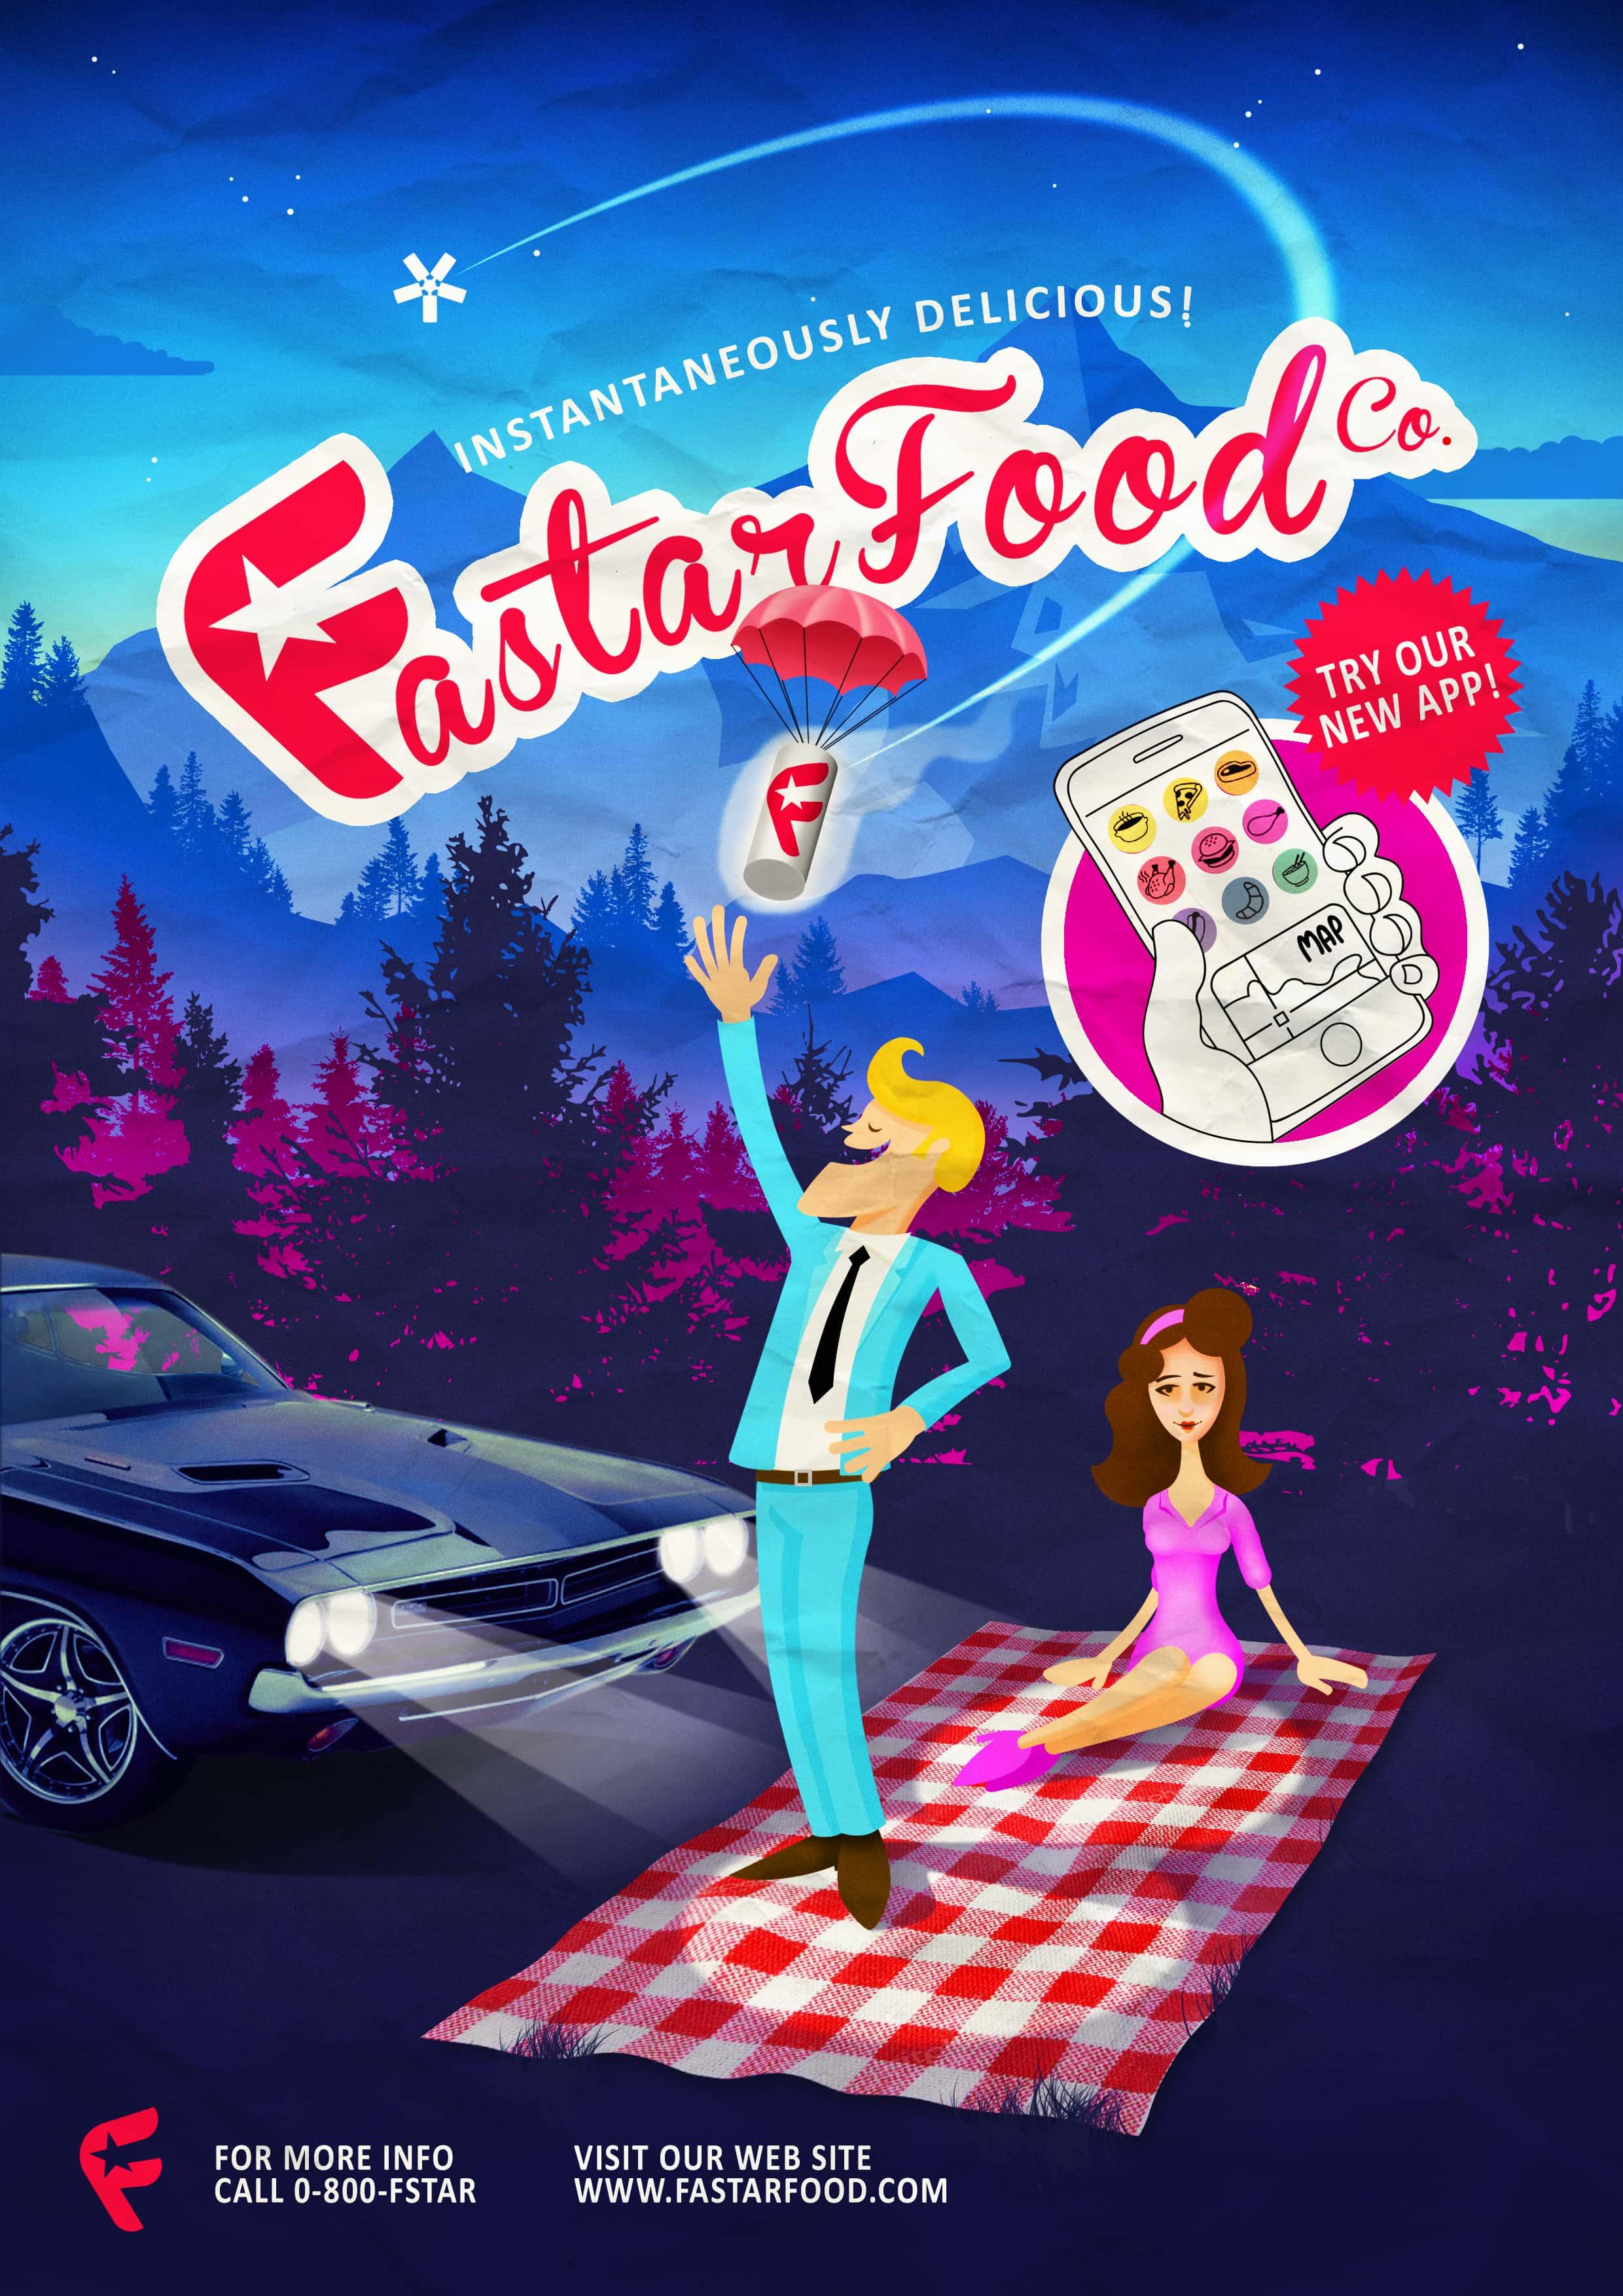 faSTARfood